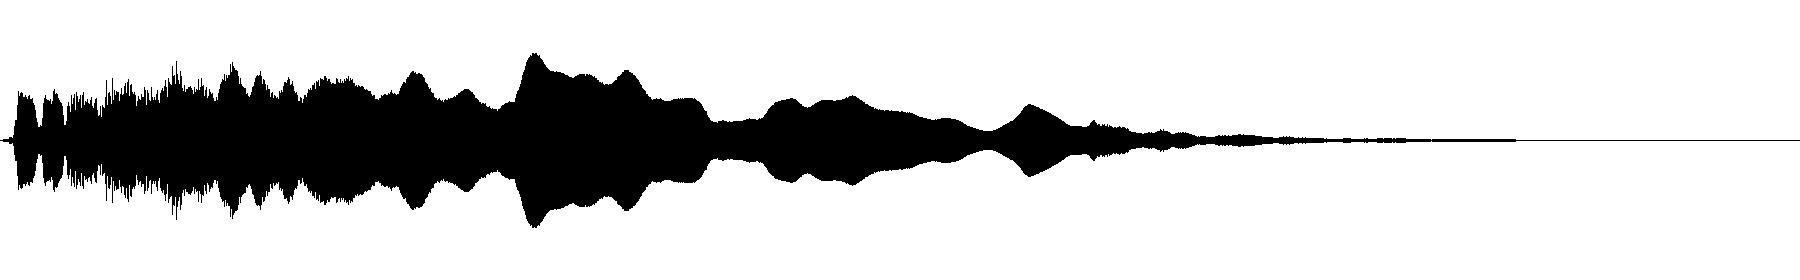 ambient flugel horn c maj 08